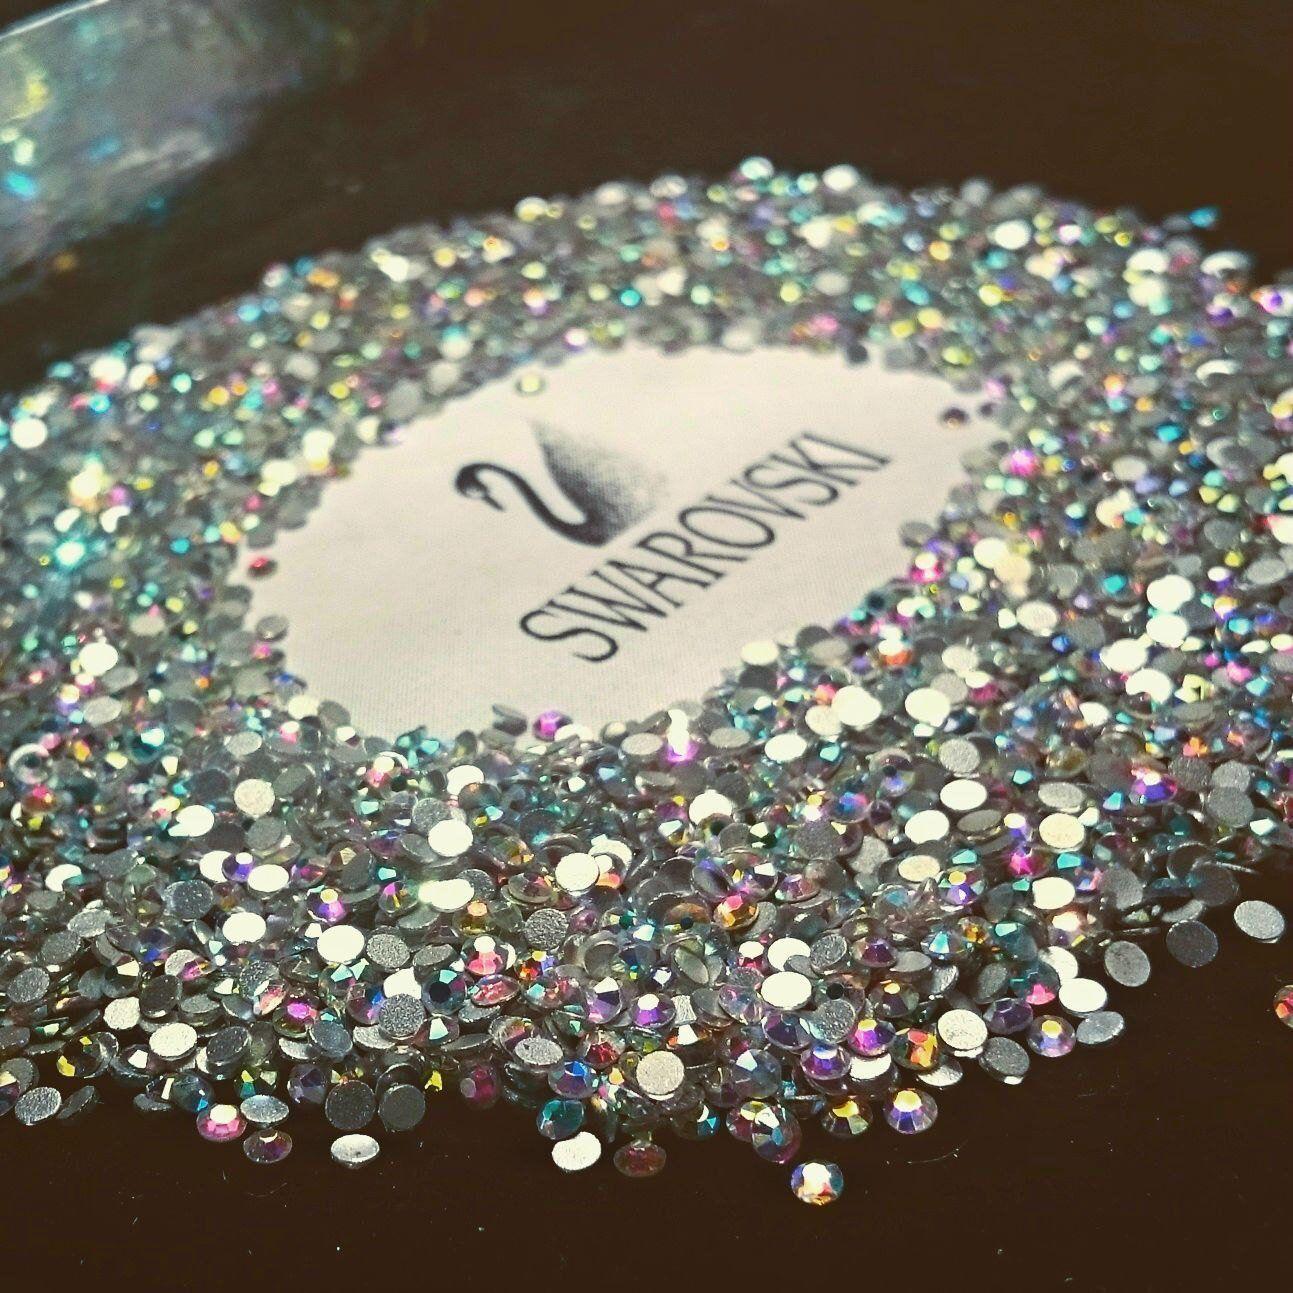 7d5a841dd5fa Swarovski crystals flat back stones gems rhinestones non hotfix 30 piece  crystal ab clear ALL Sizes